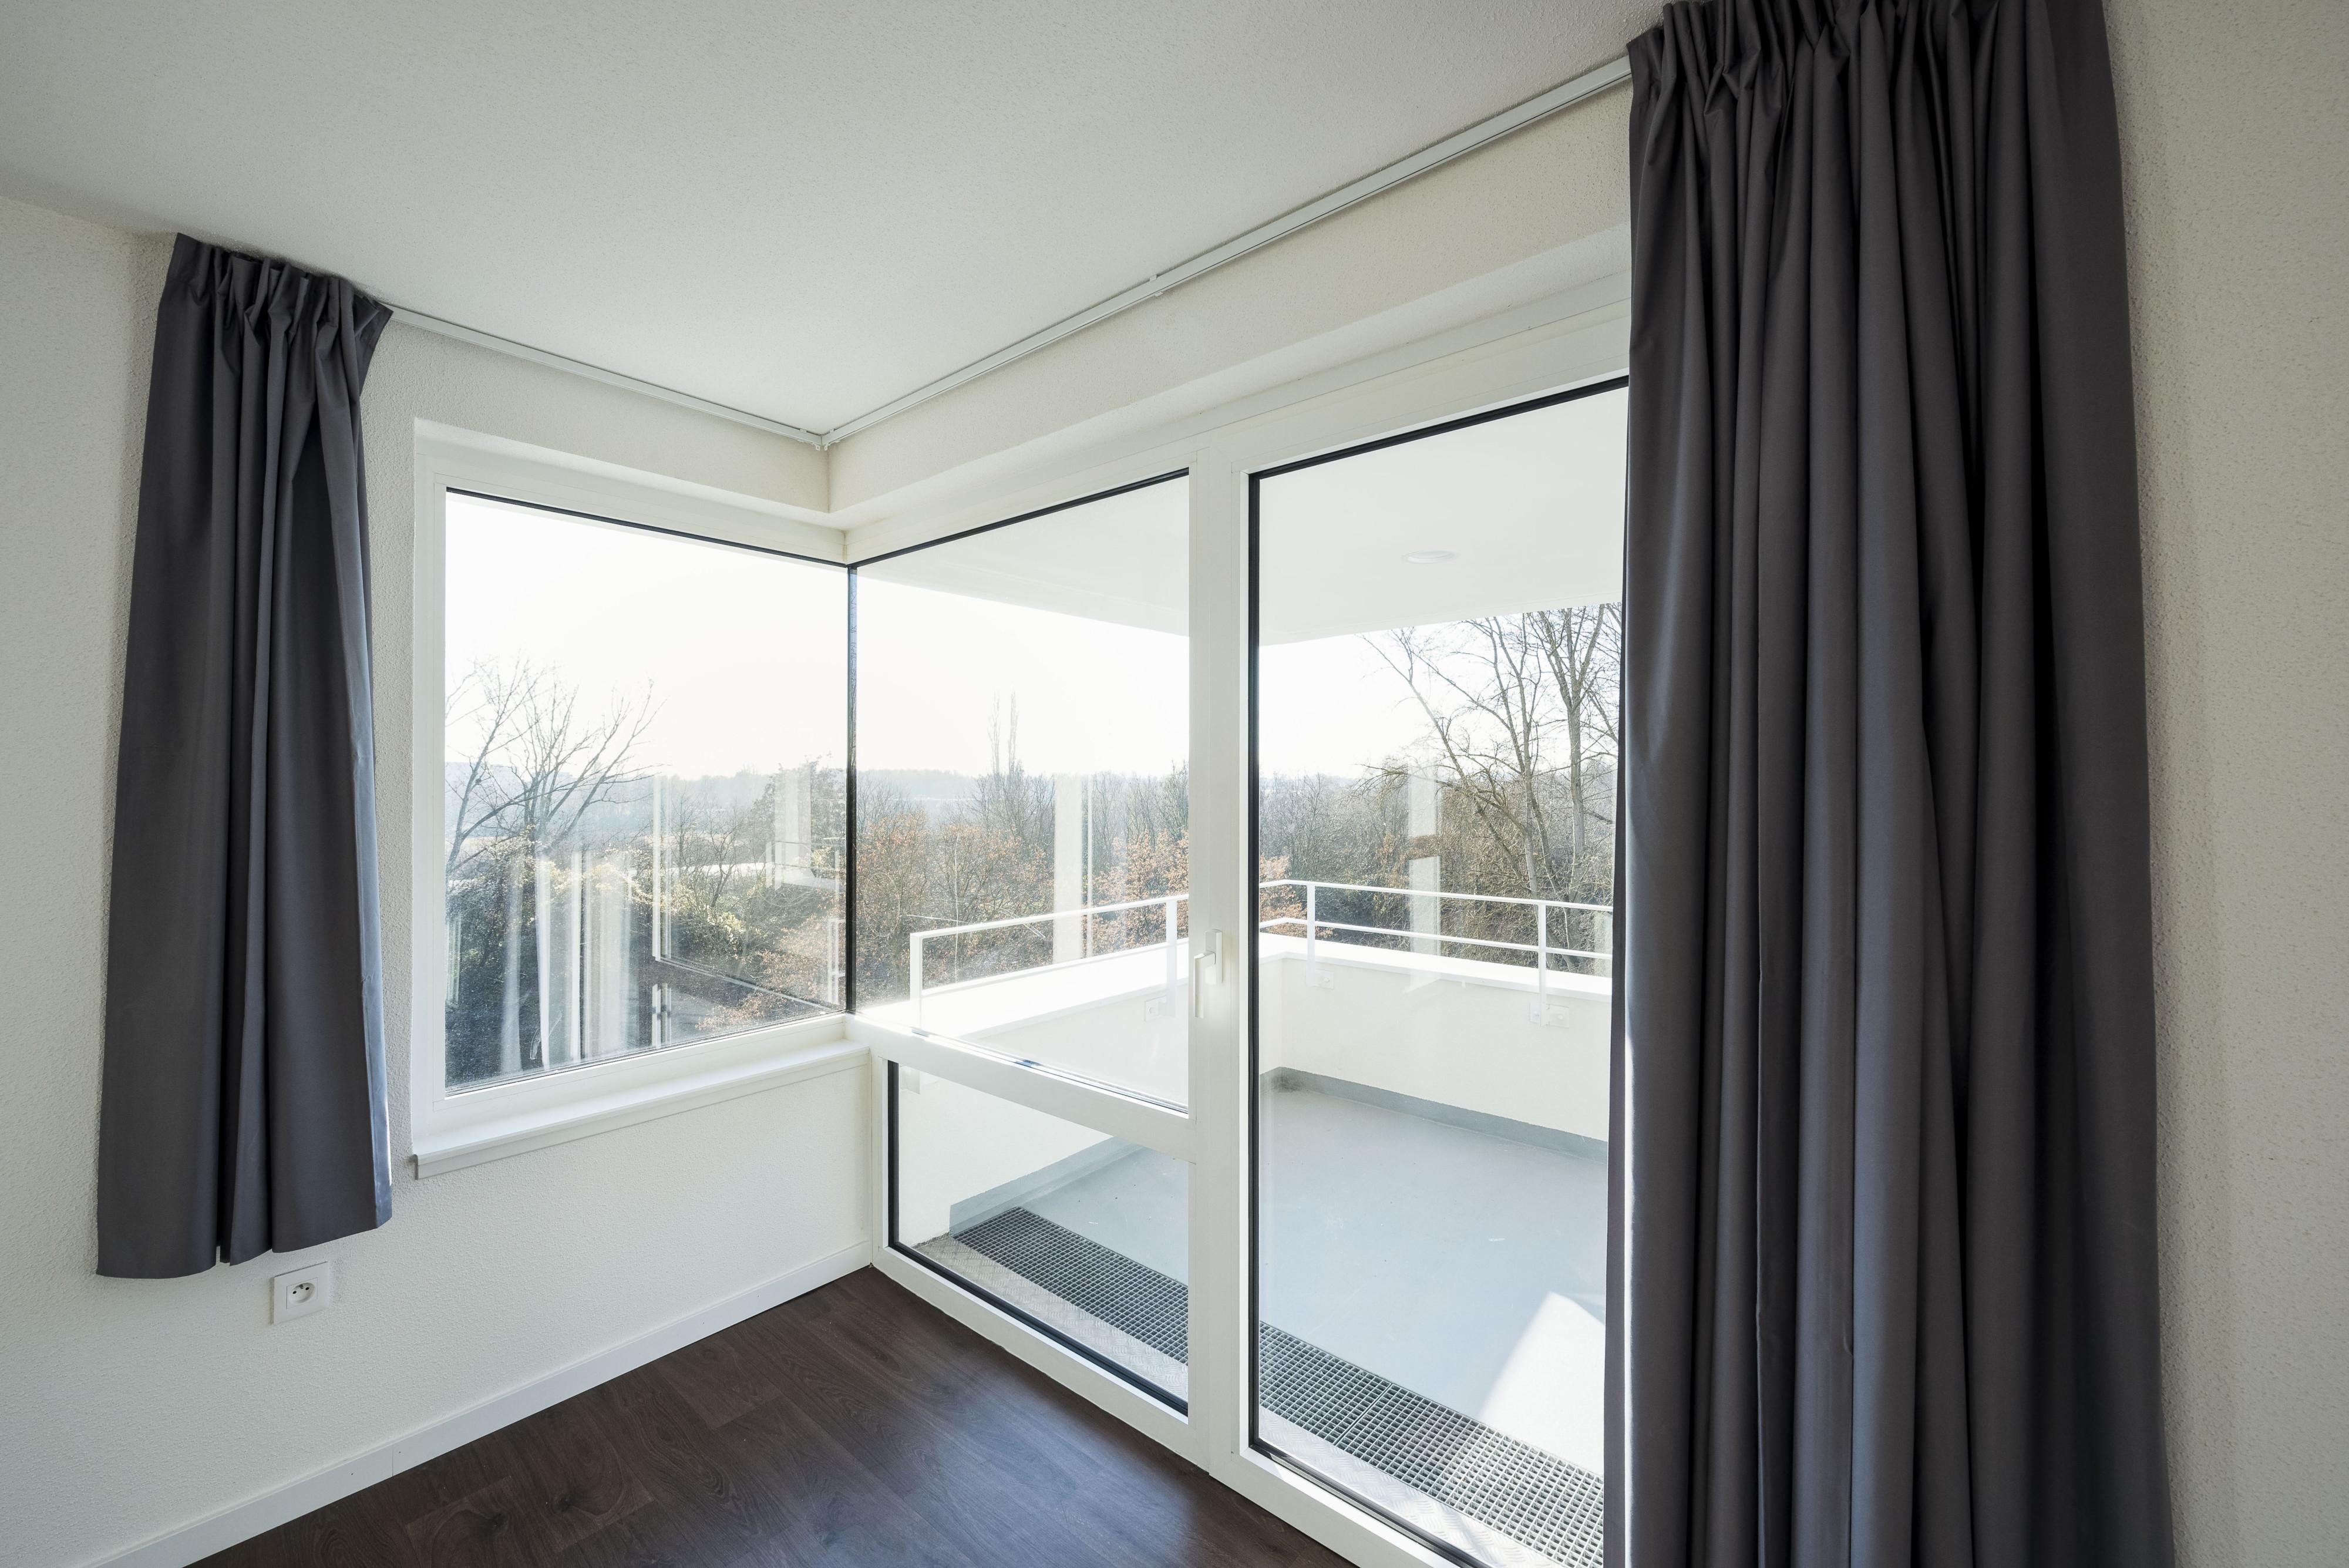 32 Logements BBC à Lingolsheim balcon de plain-pied vu de l'intérieur